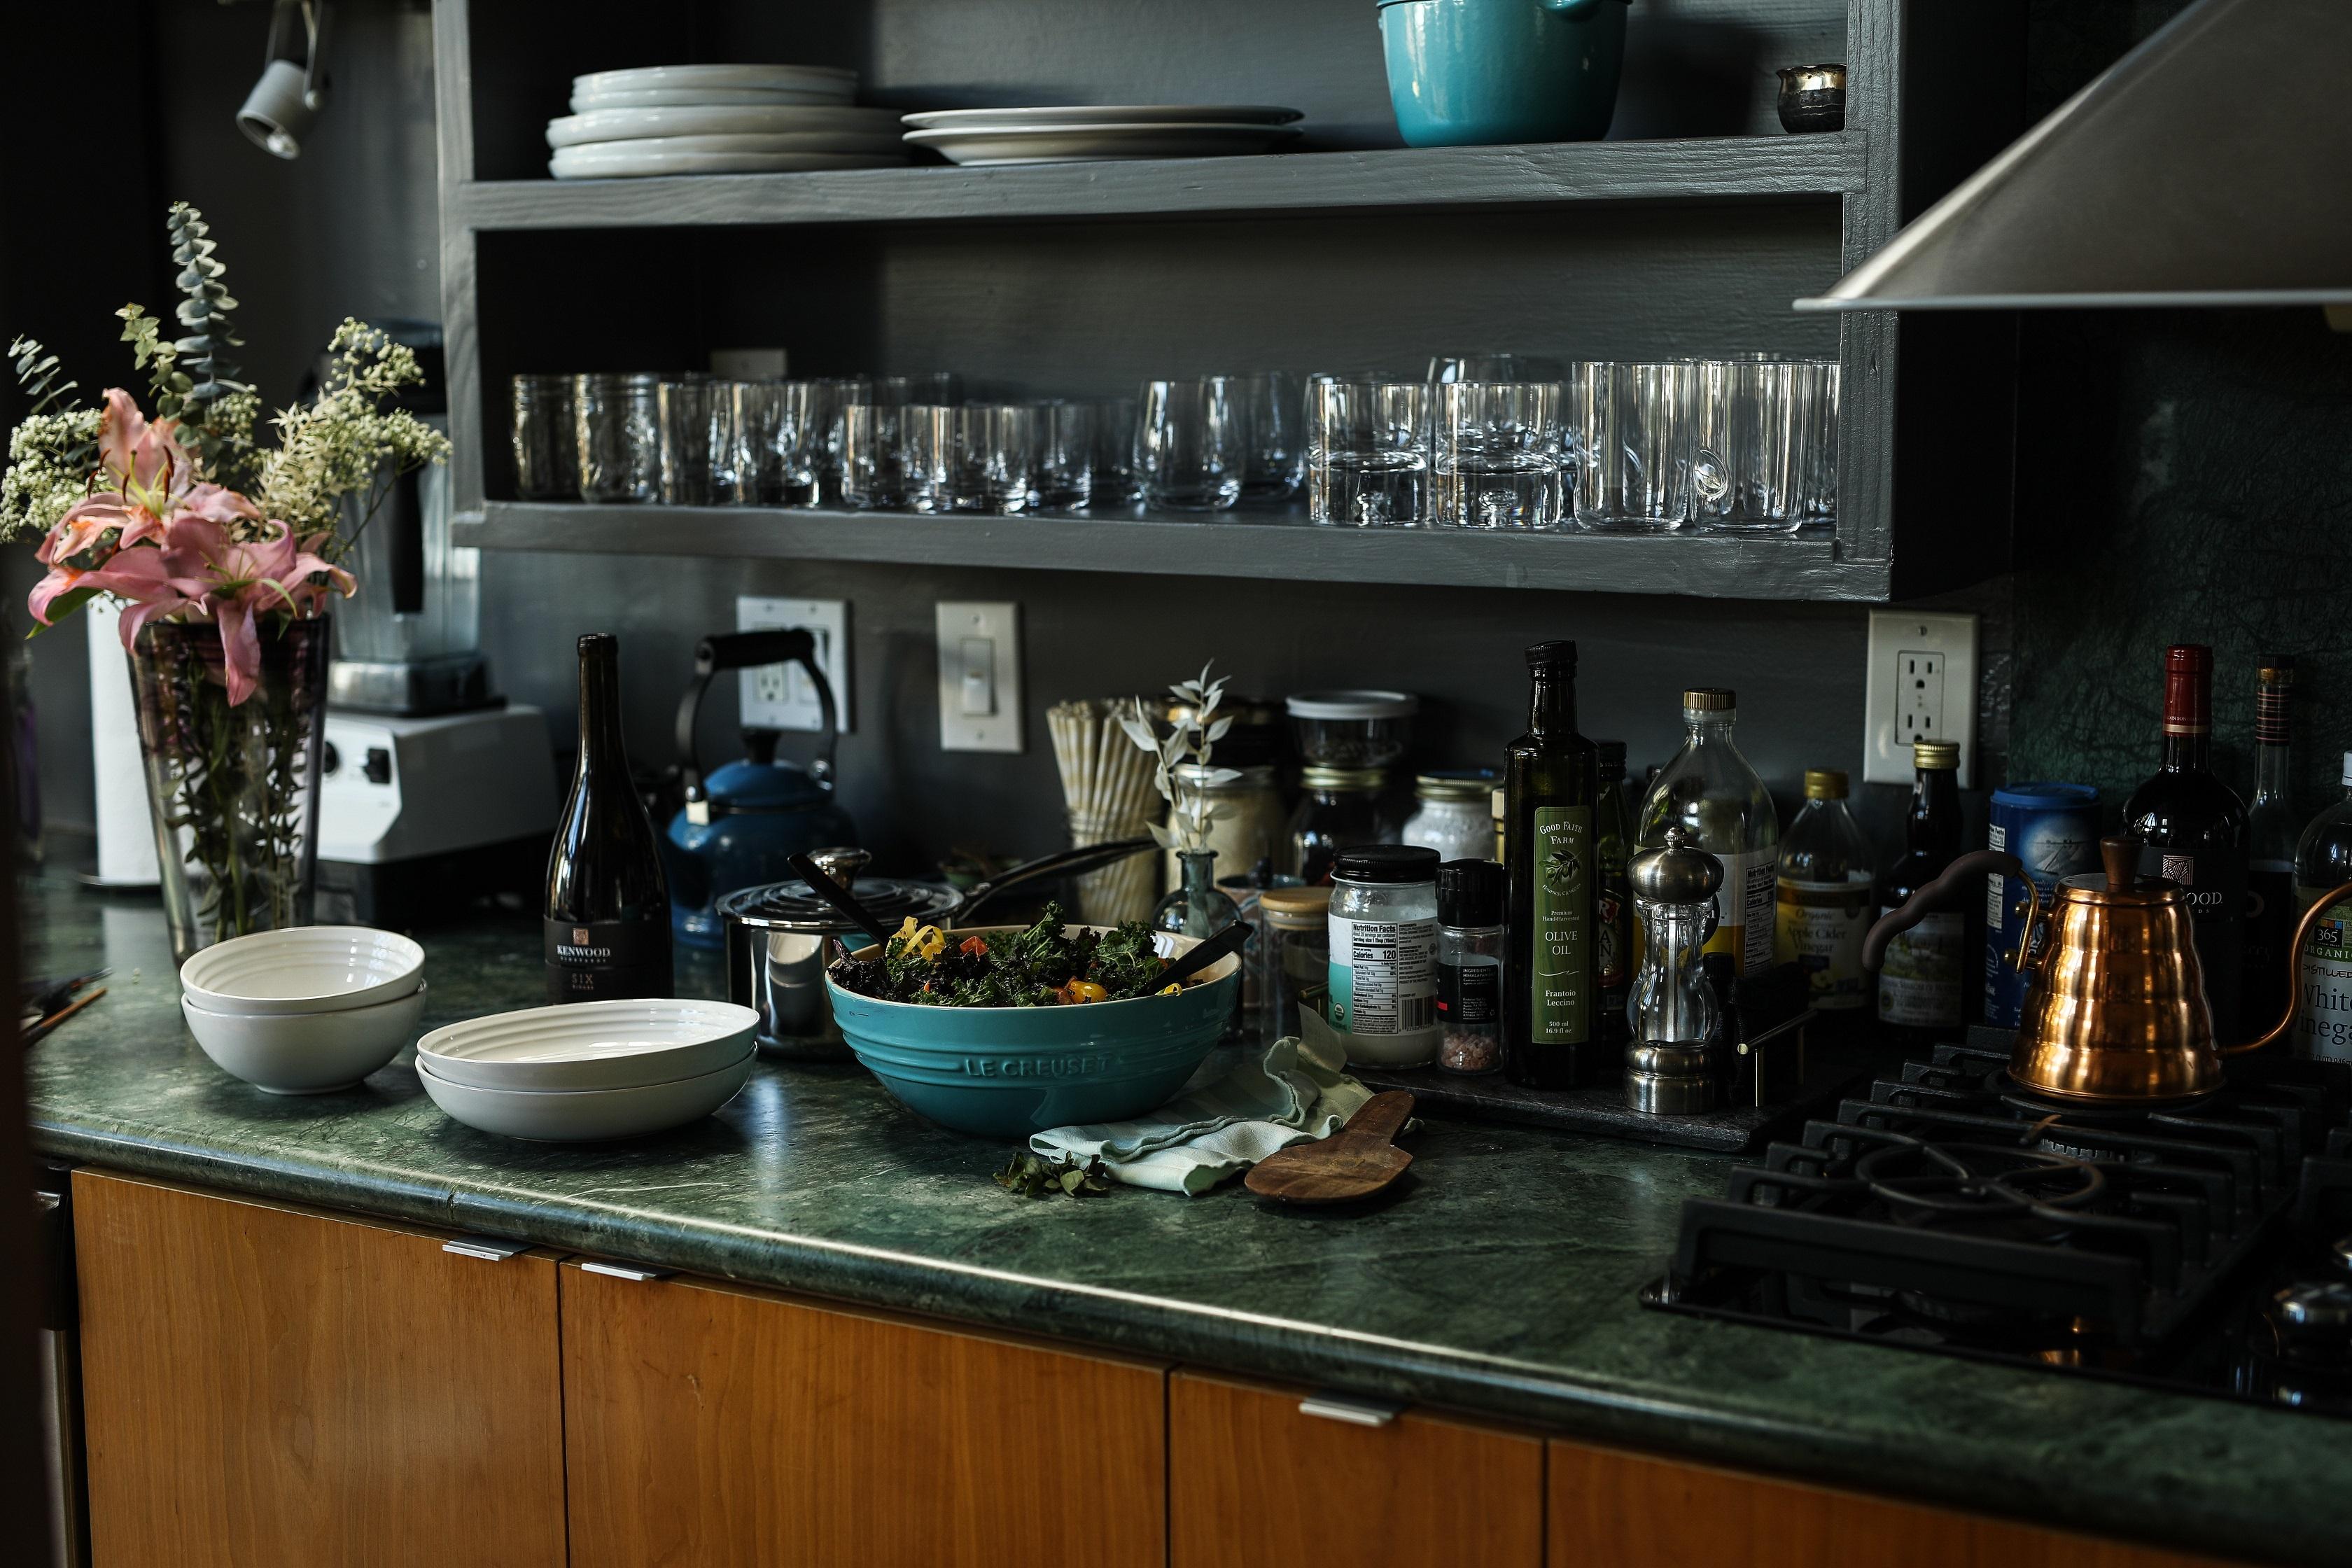 Encimera Muebles Cocina Reforma